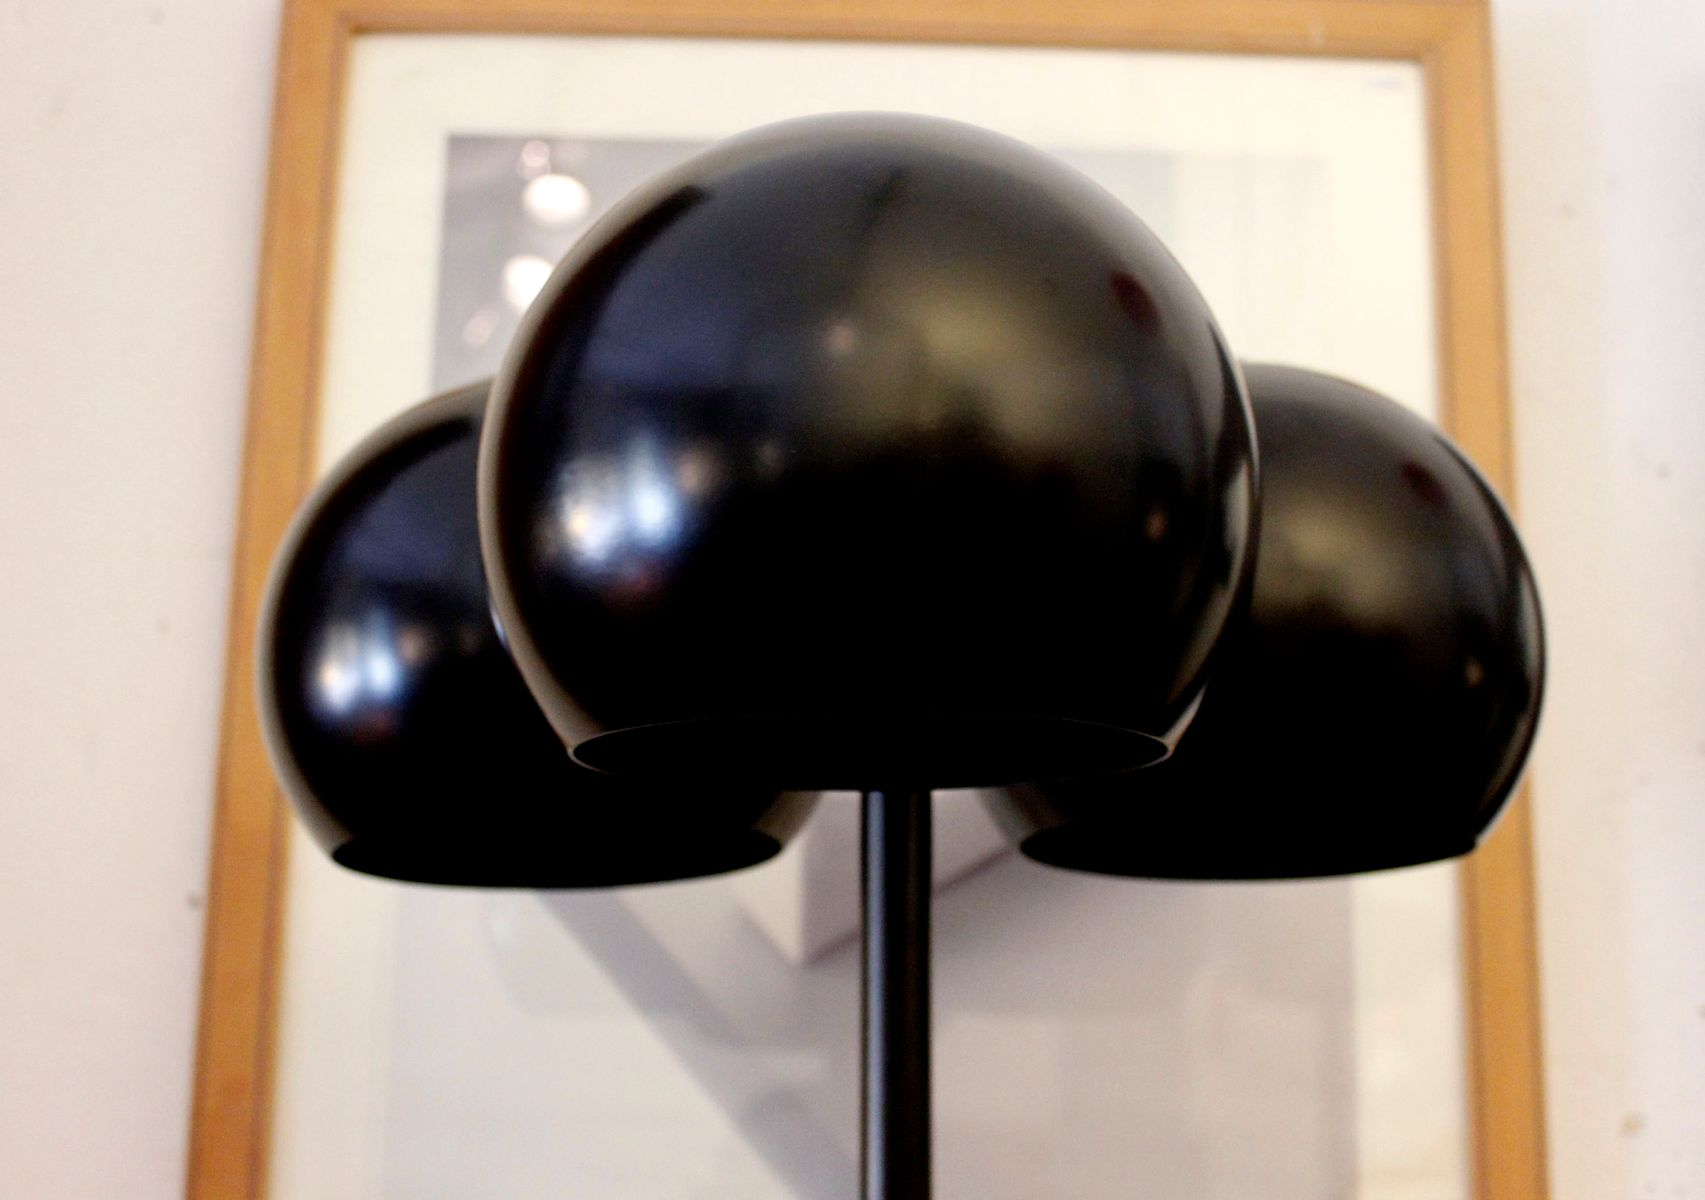 Lampe de bureau noire avec abat jours en forme de bulles par